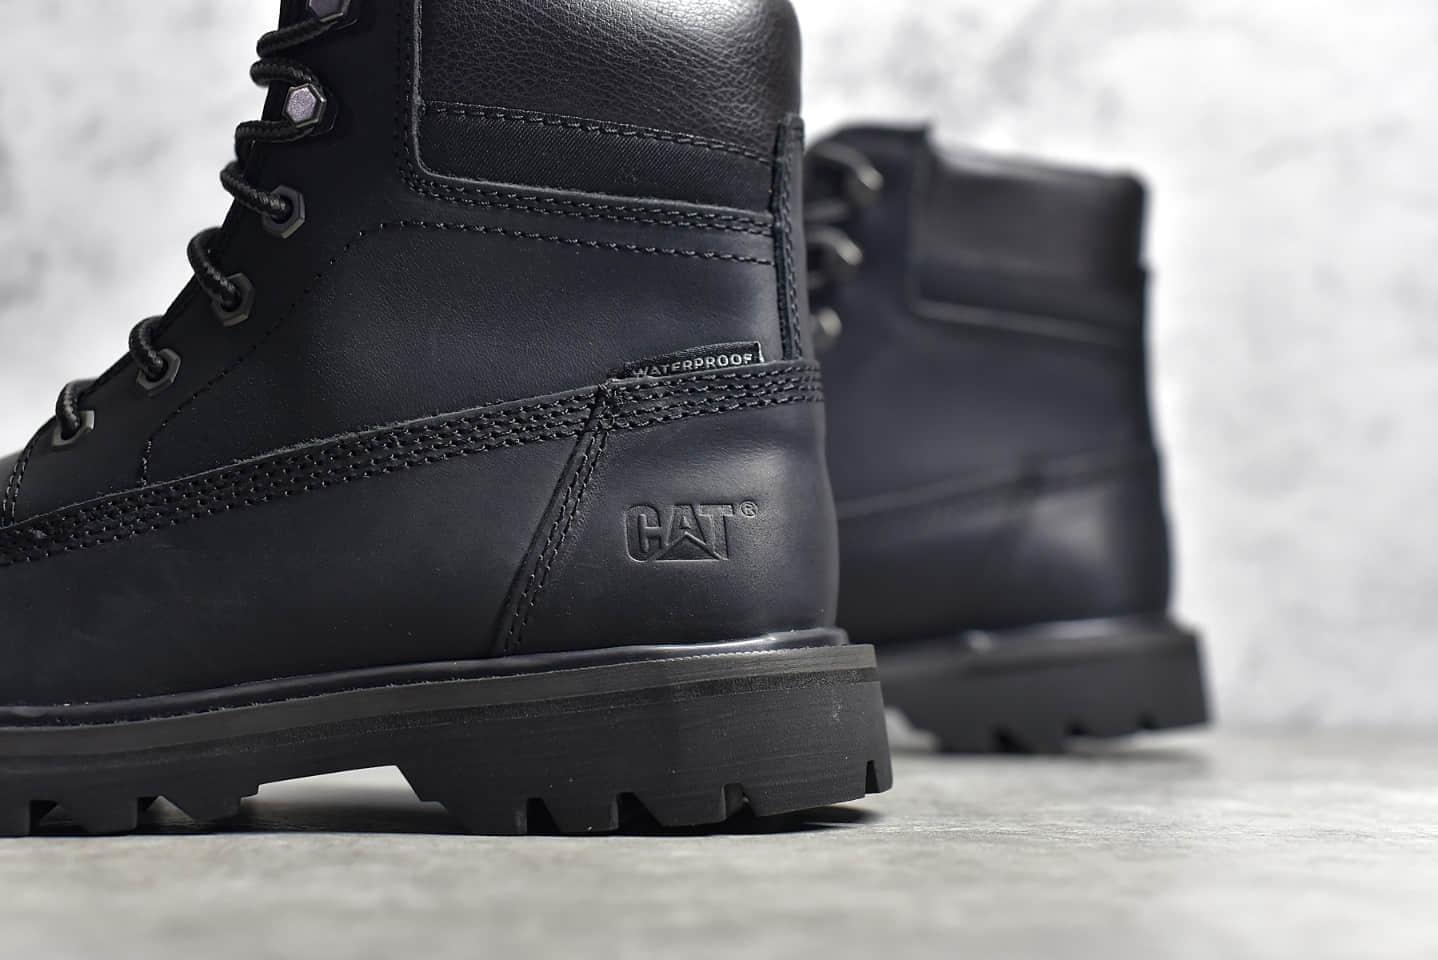 卡特二代黑色马丁靴 CAT/720二代 莆田顶级卡特户外工装黑色马丁靴-潮流者之家